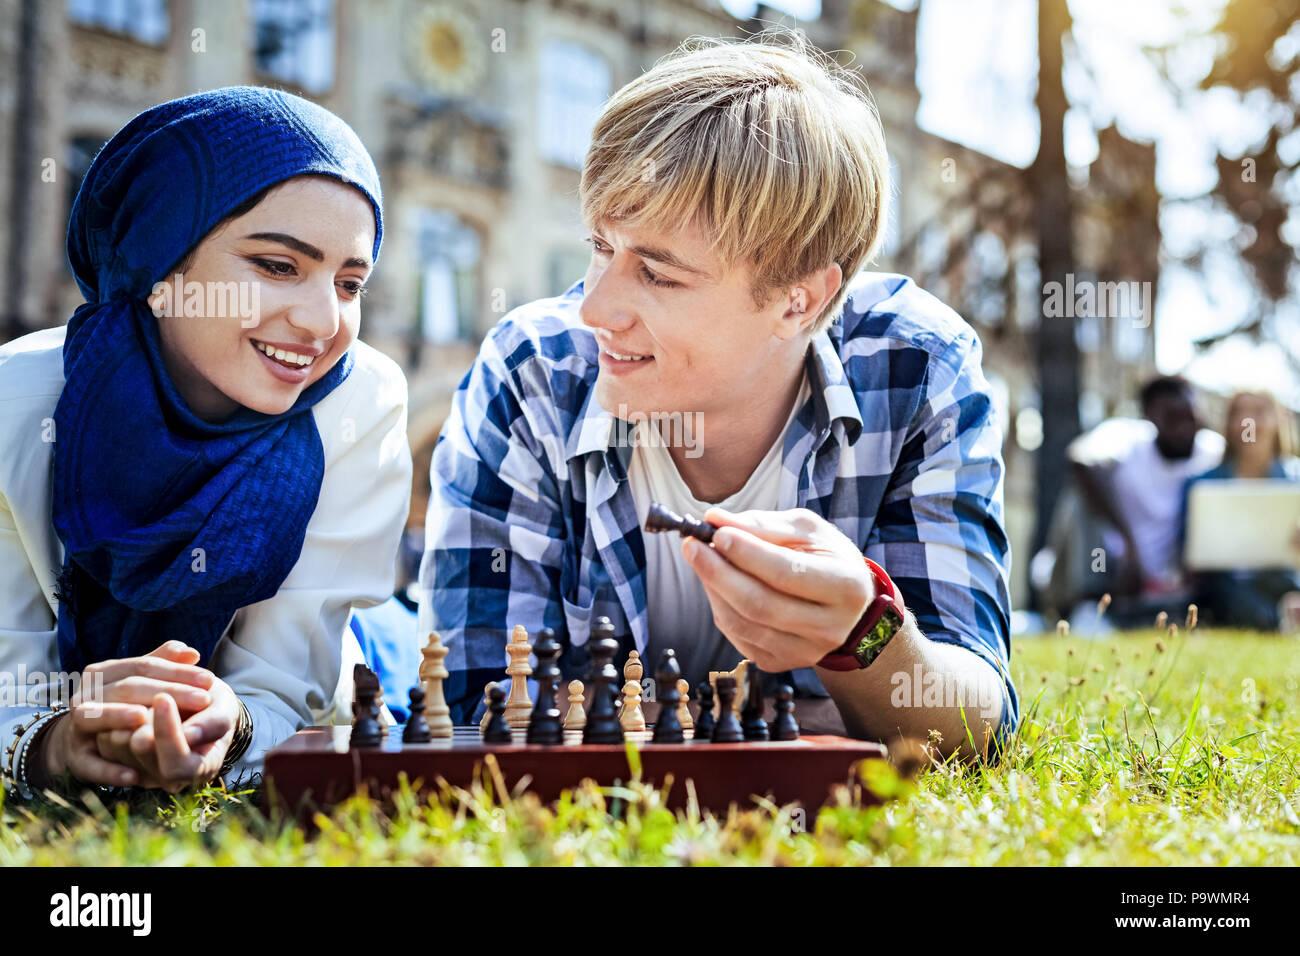 Tipo simpático enseñanza chica jugando ajedrez Imagen De Stock